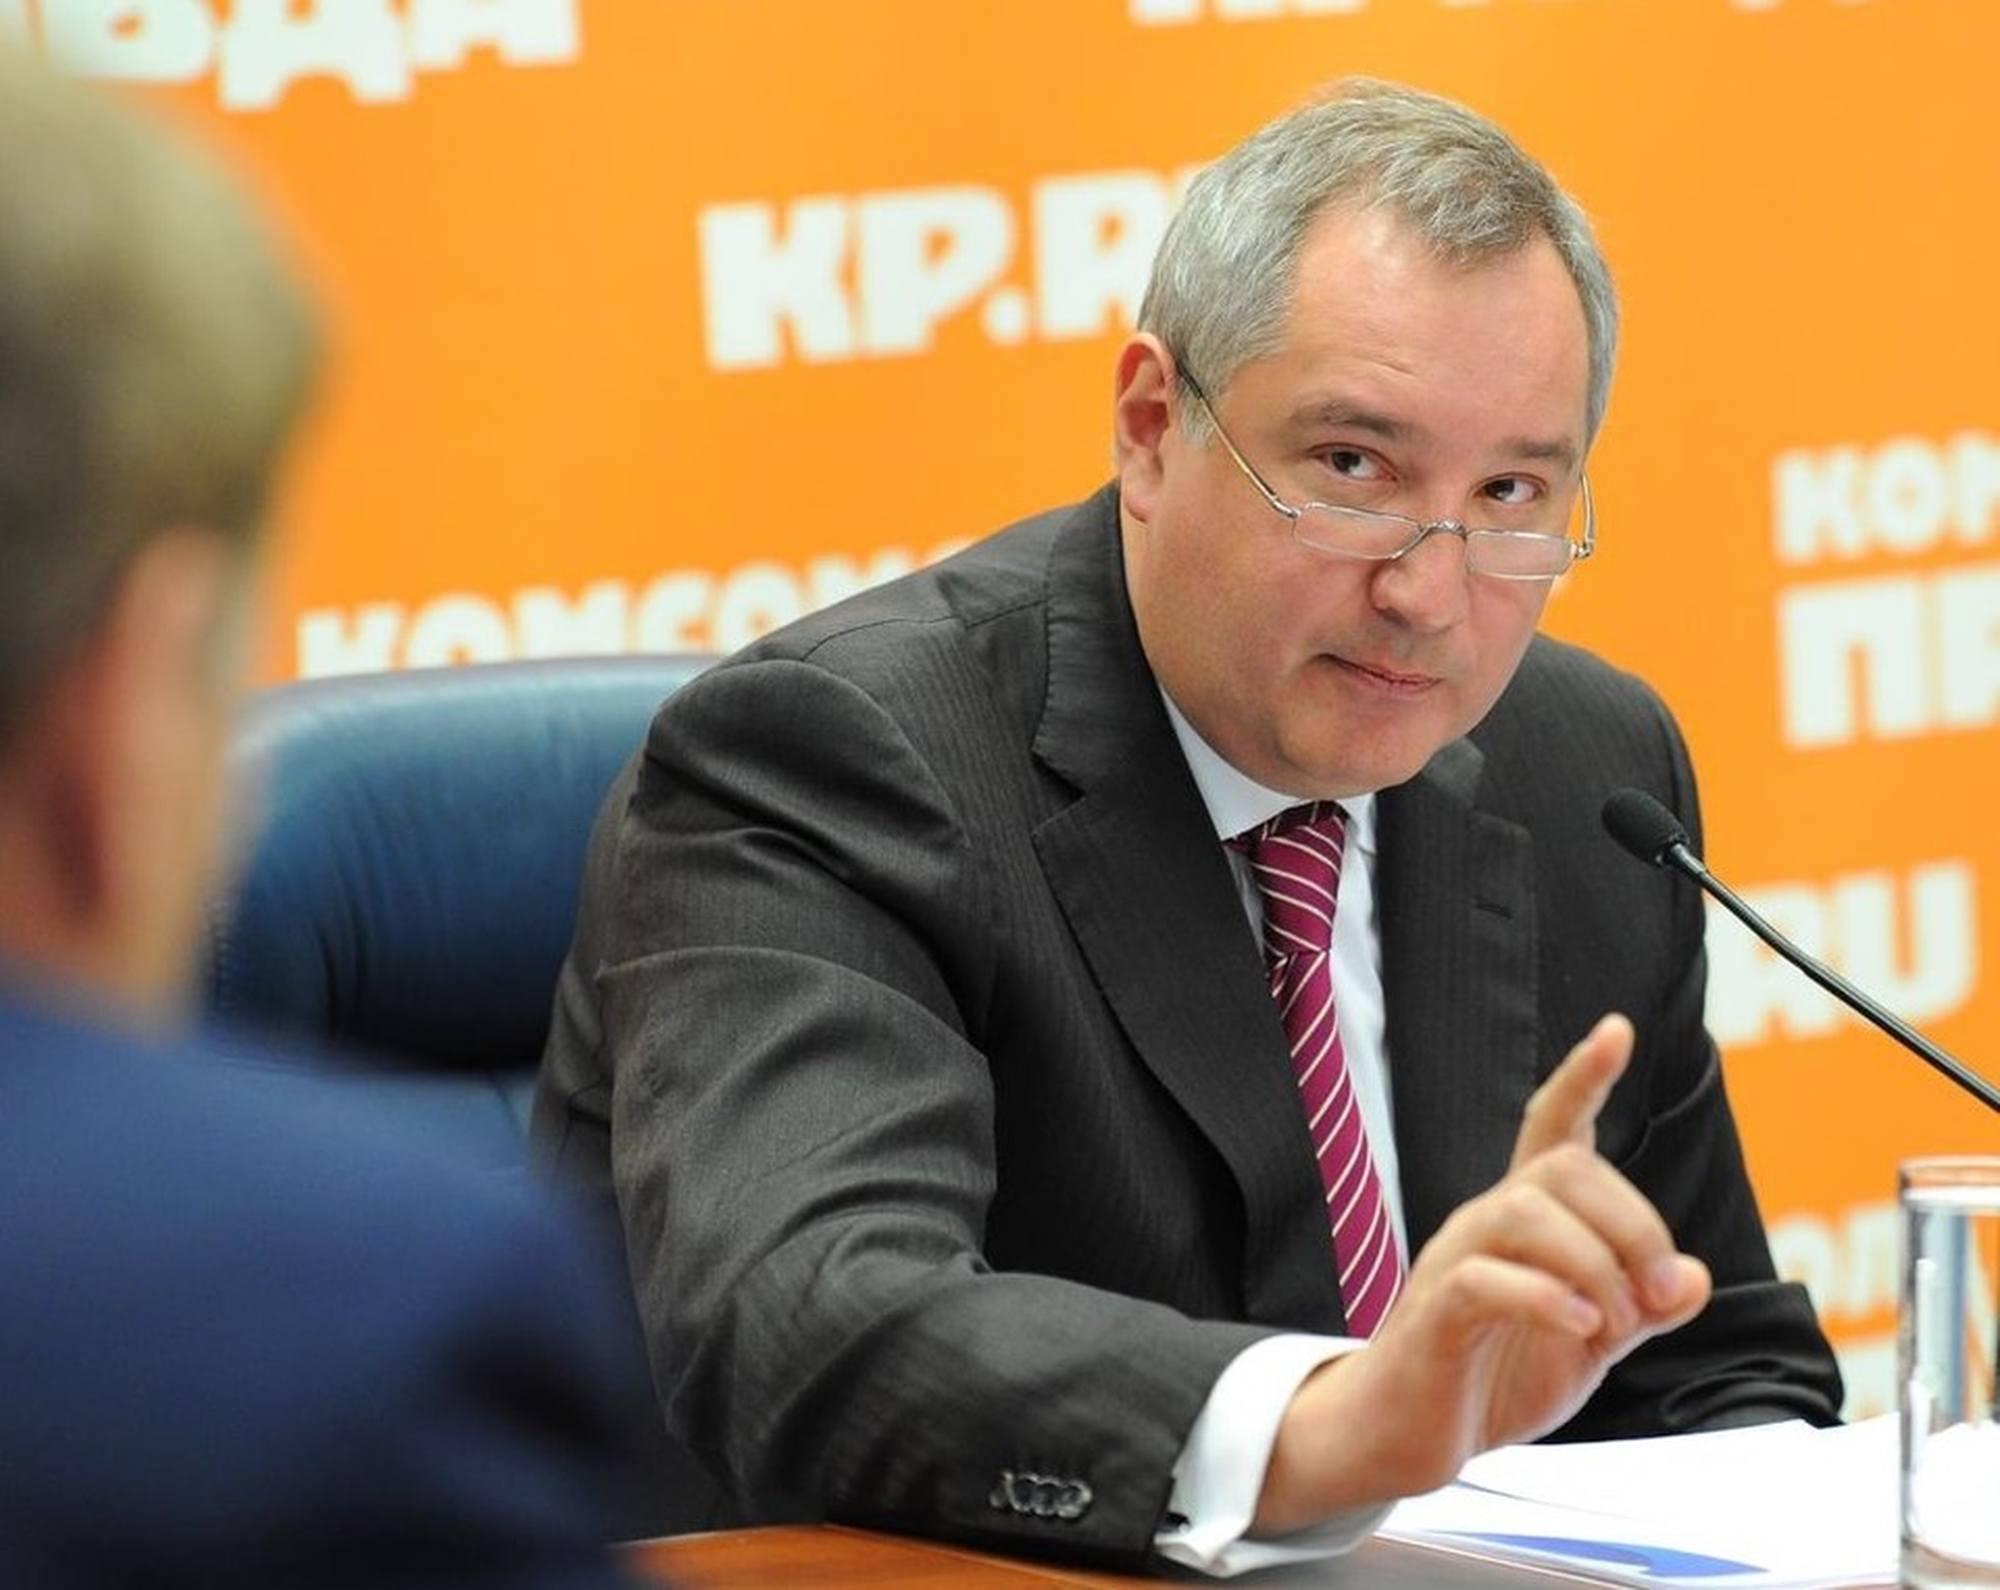 Dmitry Rogozine à Radio Komsomolskaya Pravda.